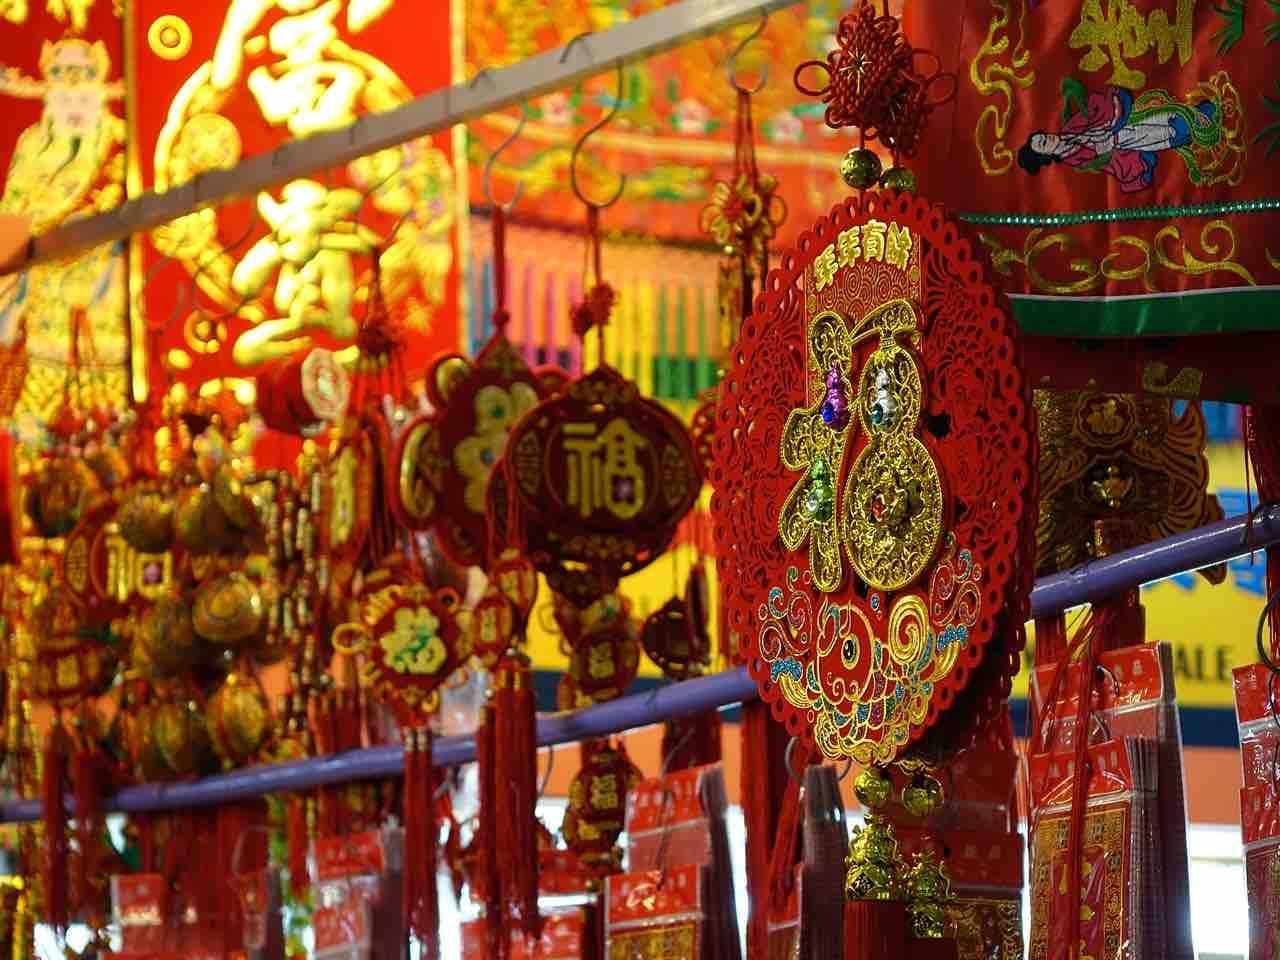 Capodanno Cinese nel Mondo: dove (e come) si festeggia - 2021